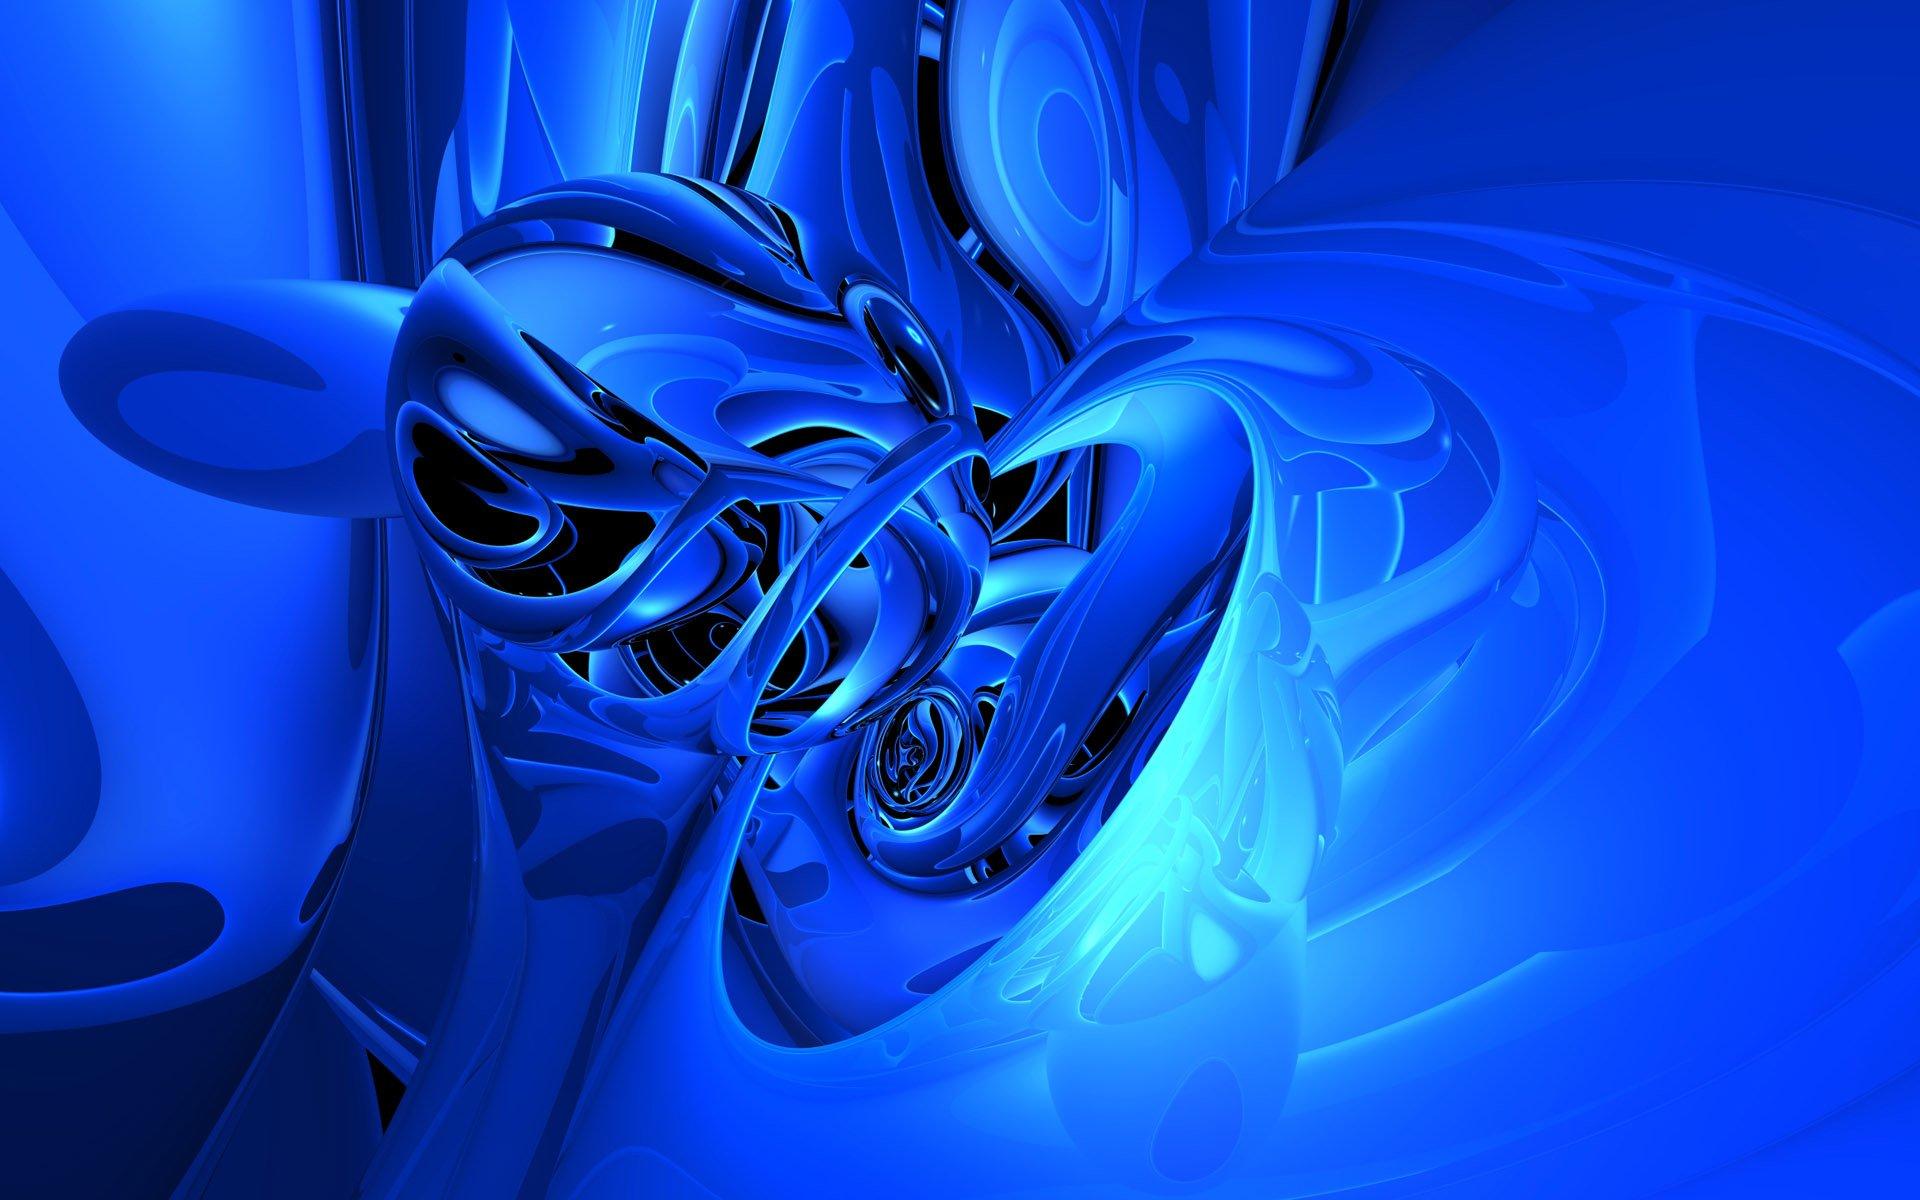 Abstract 3D Wallpaper 35   3D Photography Desktop Wallpapers 3821 1920x1200